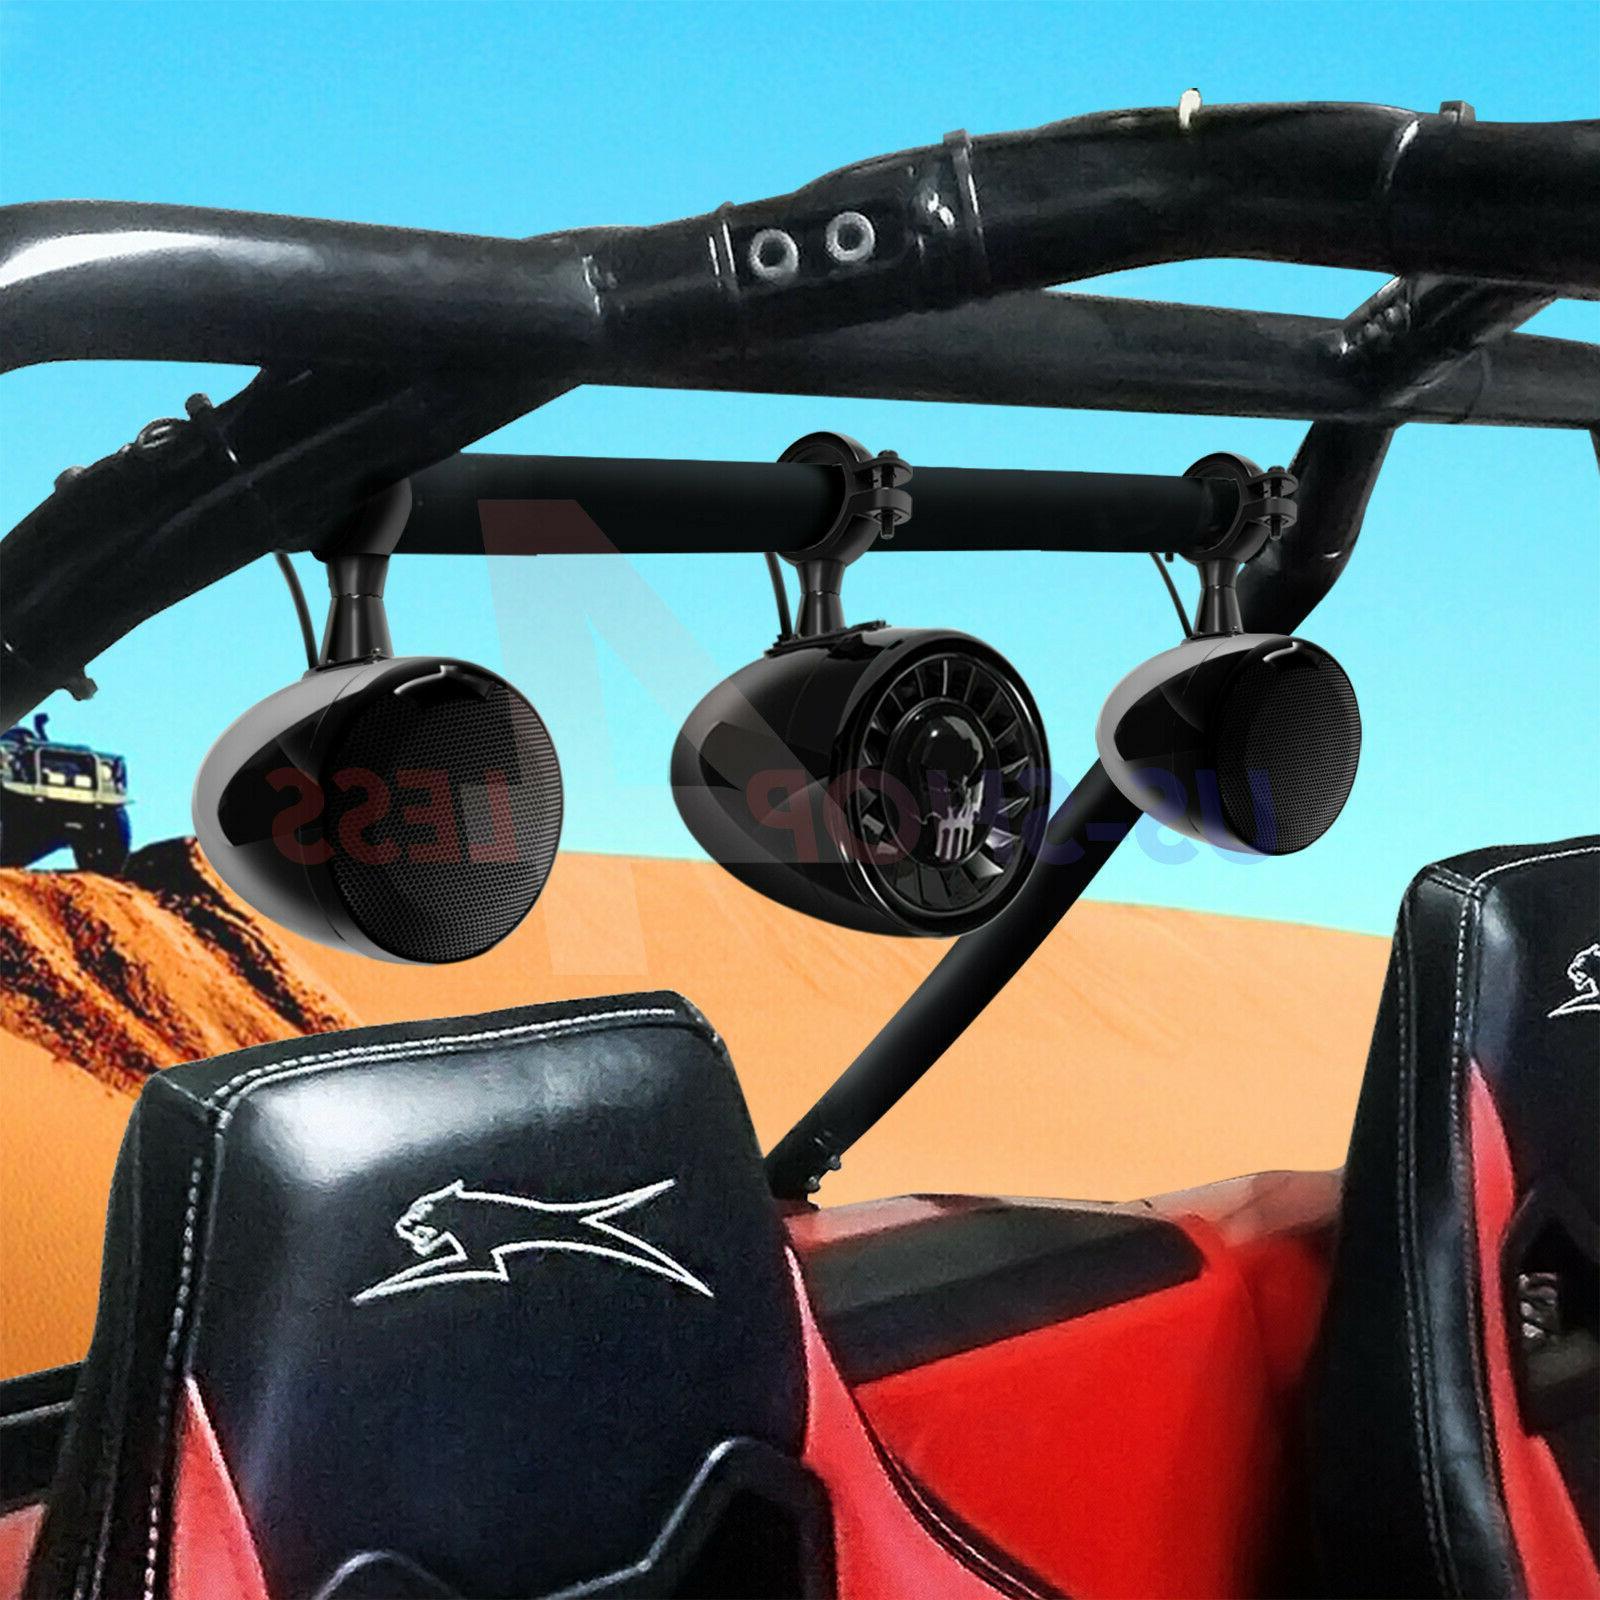 Bluetooth ATV RZR Polaris Stereo Marine Audio Radio System